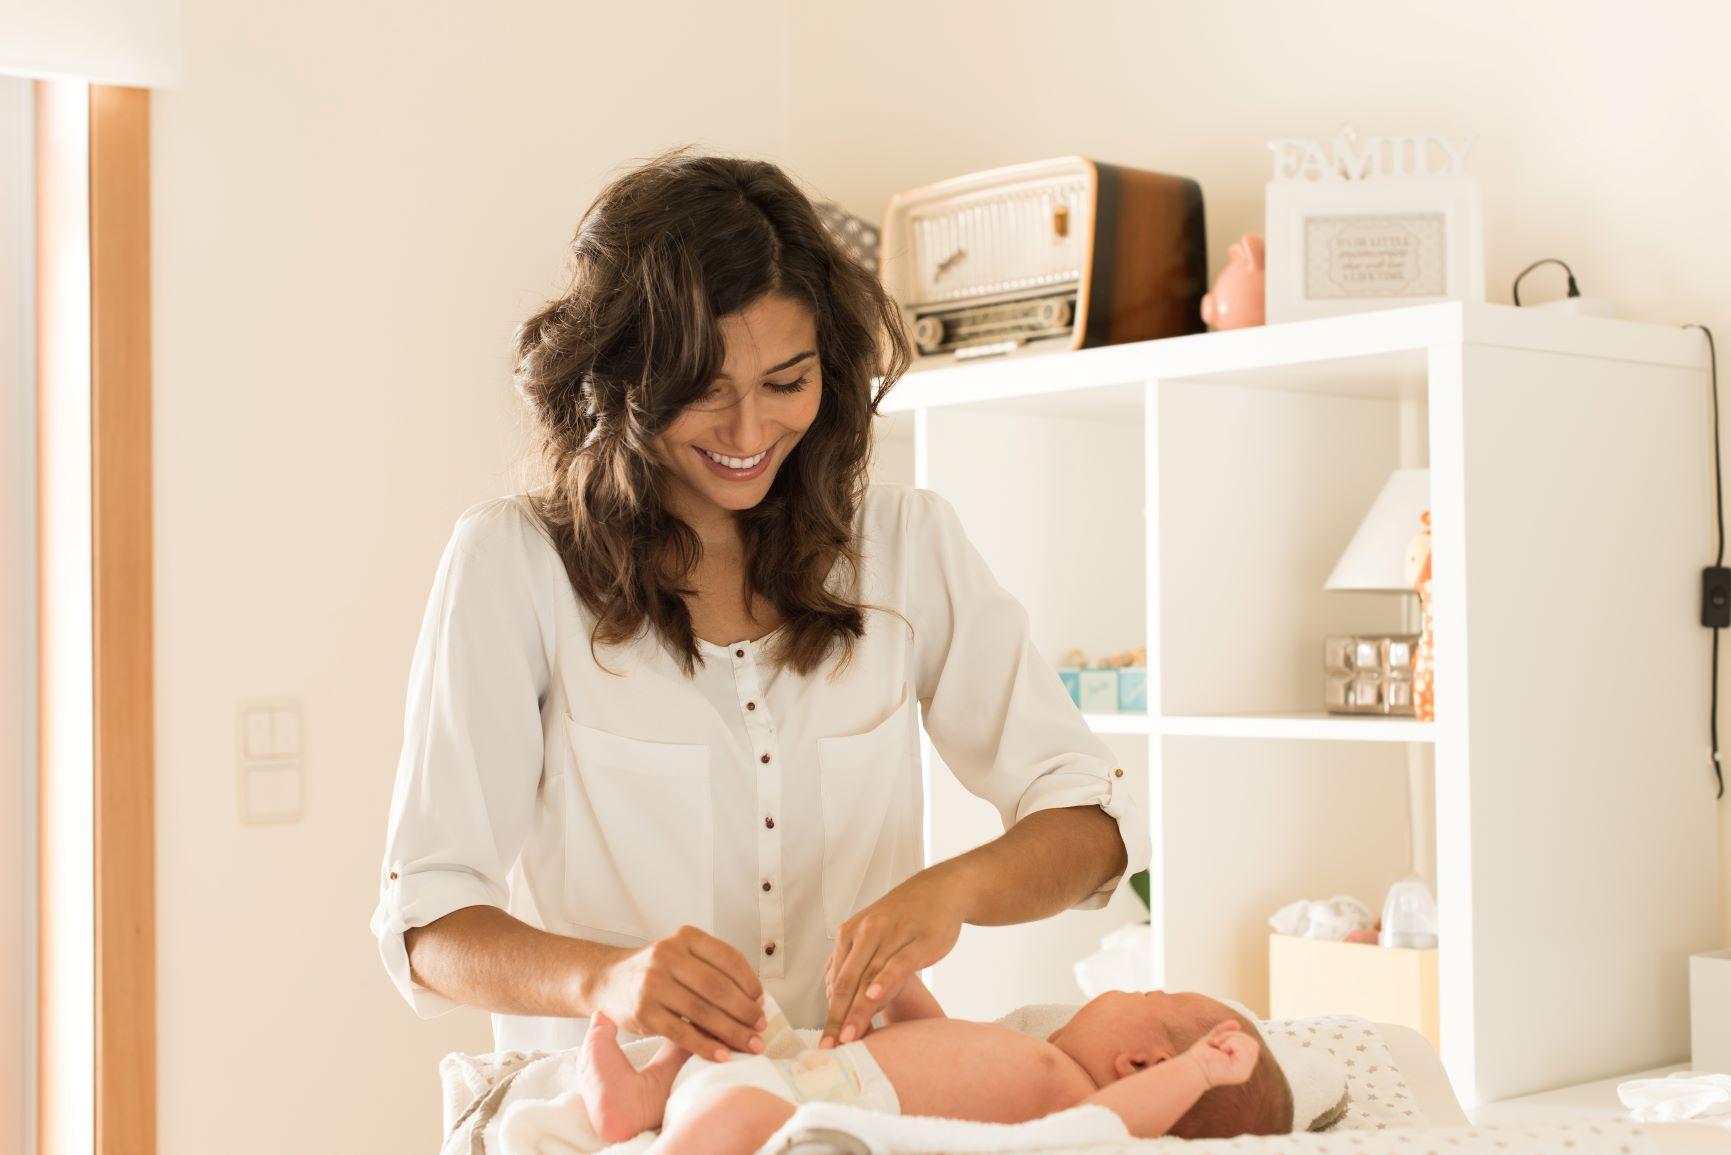 mama cambiando el pañal a su bebe